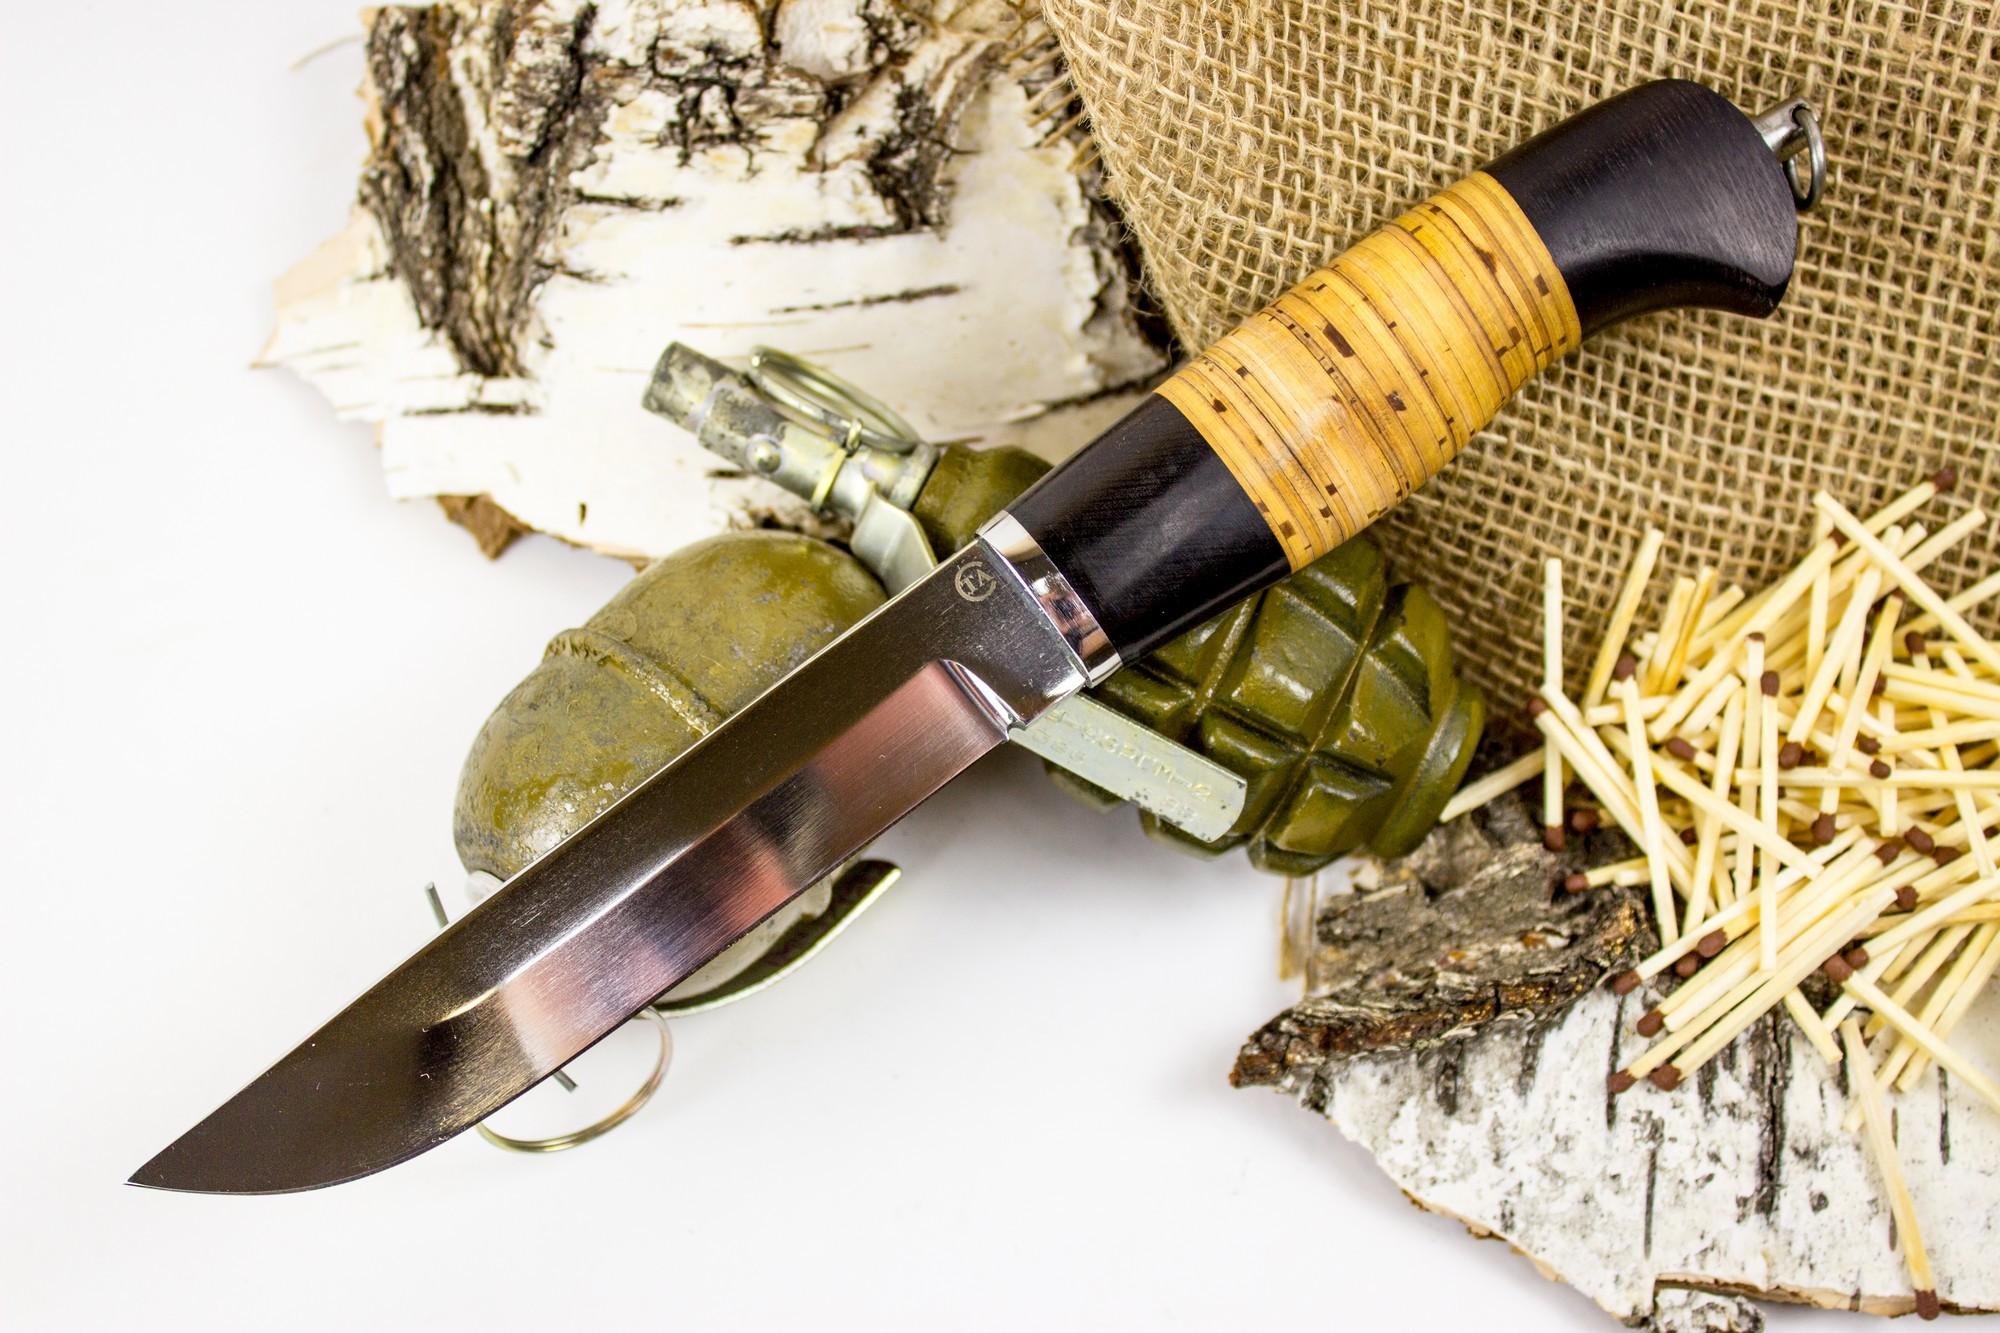 Нож Засапожный-Т, сталь 95х18, деревоНожи Ворсма<br>Нож Засапожный выполнен в традициях русских северных ножей. Нож оснащен объемной рукоятью из бересты. Такой нож удобно удерживать голой рукой и рукой в толстой перчатке. Благодаря этой особенности нож можно использовать в условиях постоянных отрицательных температур. Клинок ножа имеет прямой обух и спуски скандинавского типа. Нож можно использовать для работы по продуктам, выполнения основных хозяйственных задач, обустройства лагеря. Клинок ножа выполнен из нержавеющей стали, его легко точить и править в полевых условиях.<br>